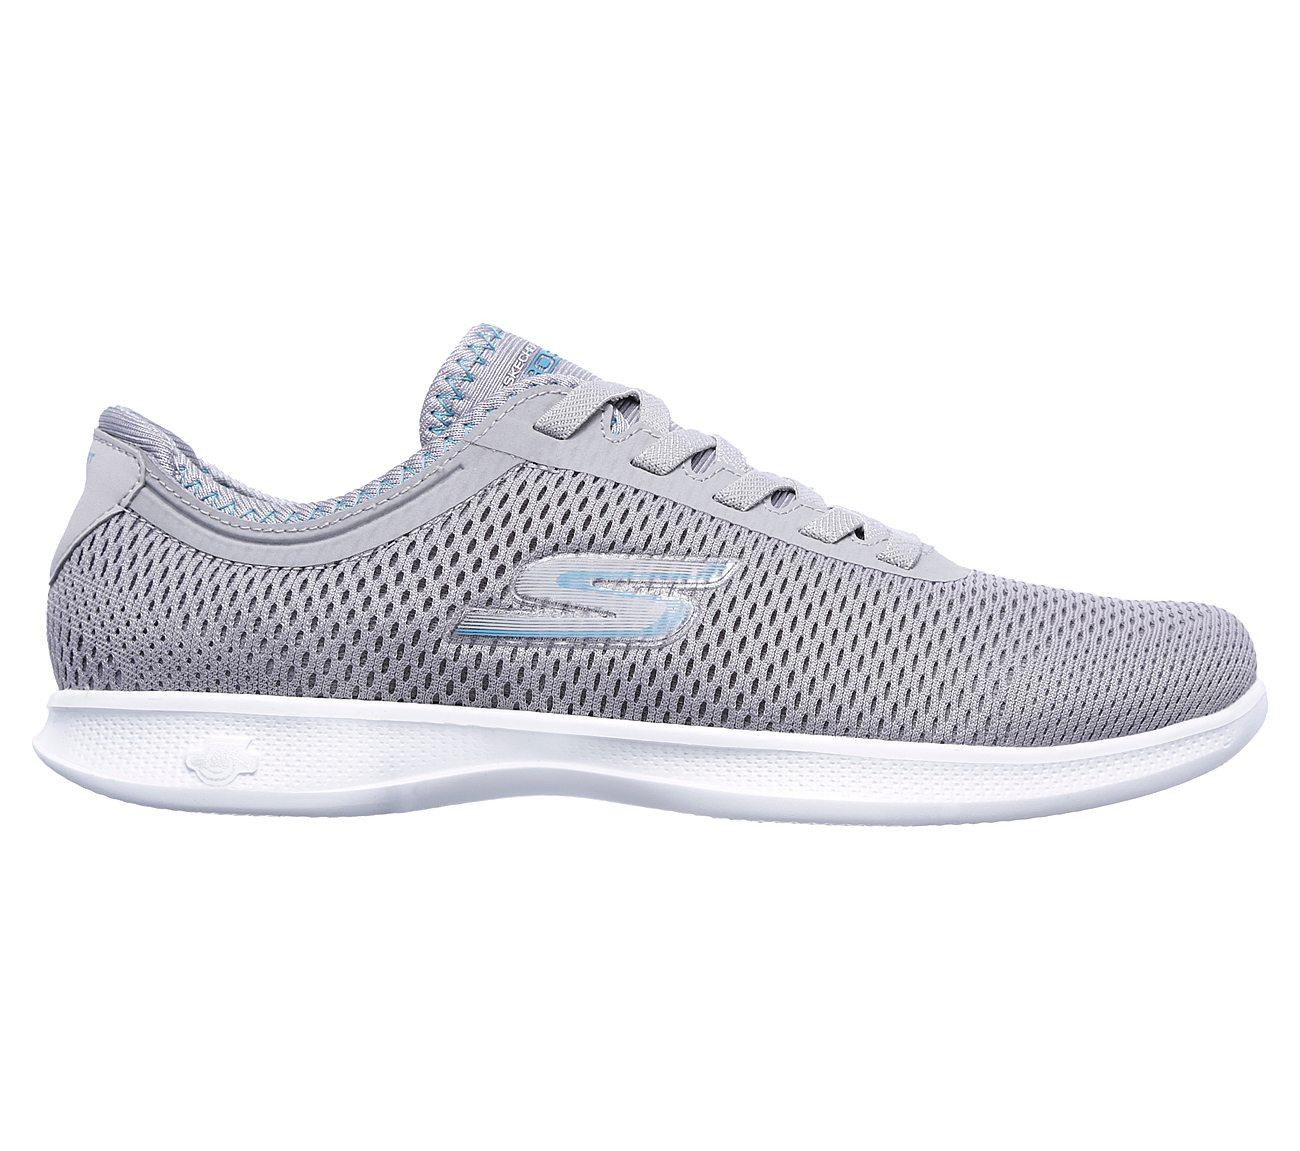 1766b3c98 Exclusive SKECHERS Mulheres shoes - SKECHERS Brasil